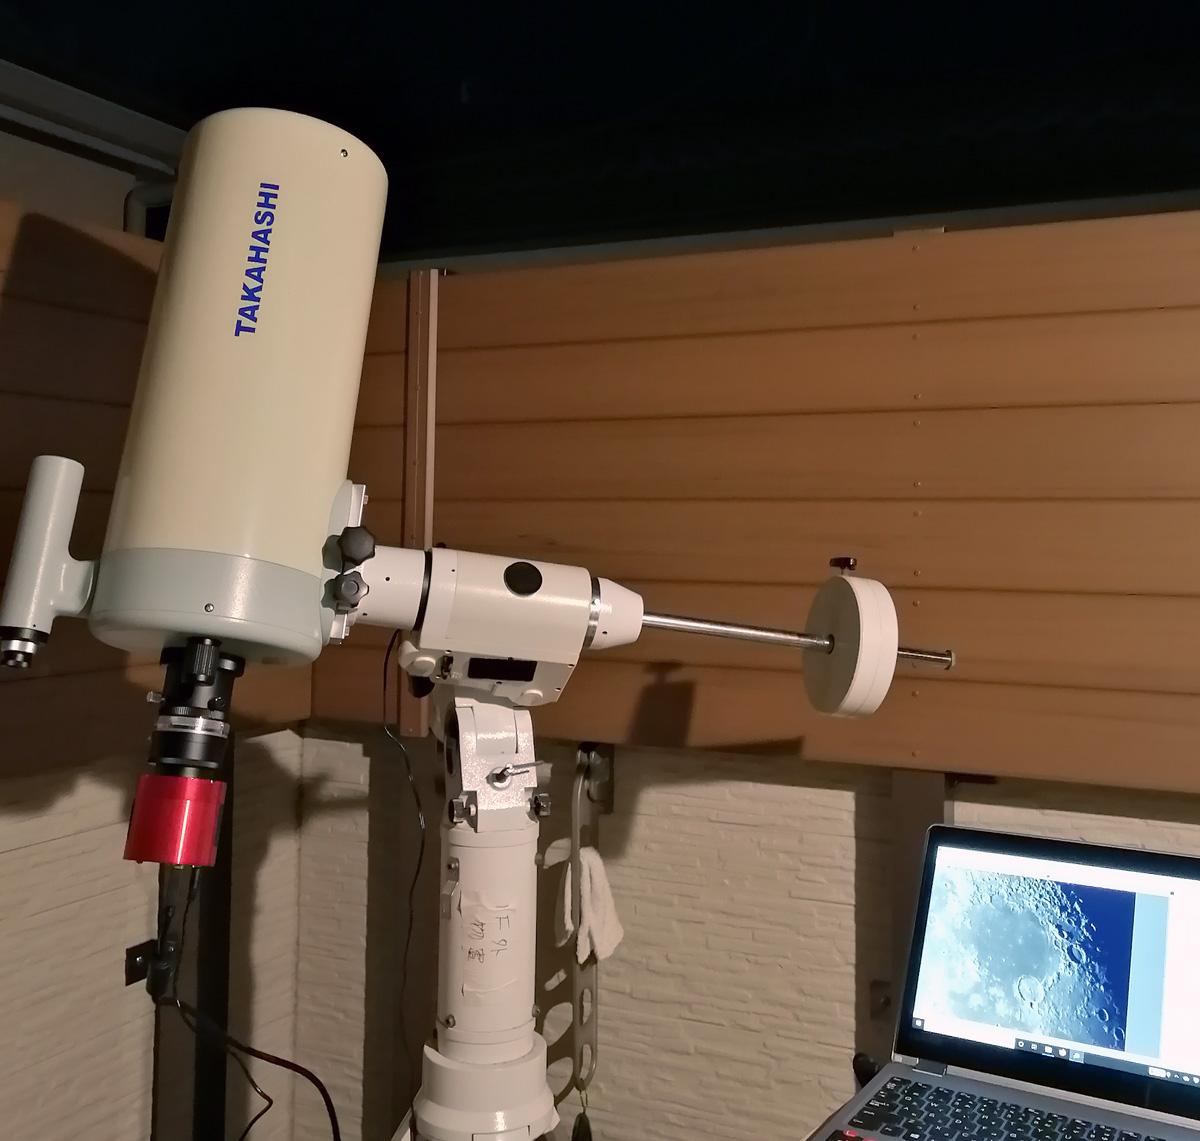 ミューロン180Cとμフラットナーレデューサー、ASI183MC Proによる撮影